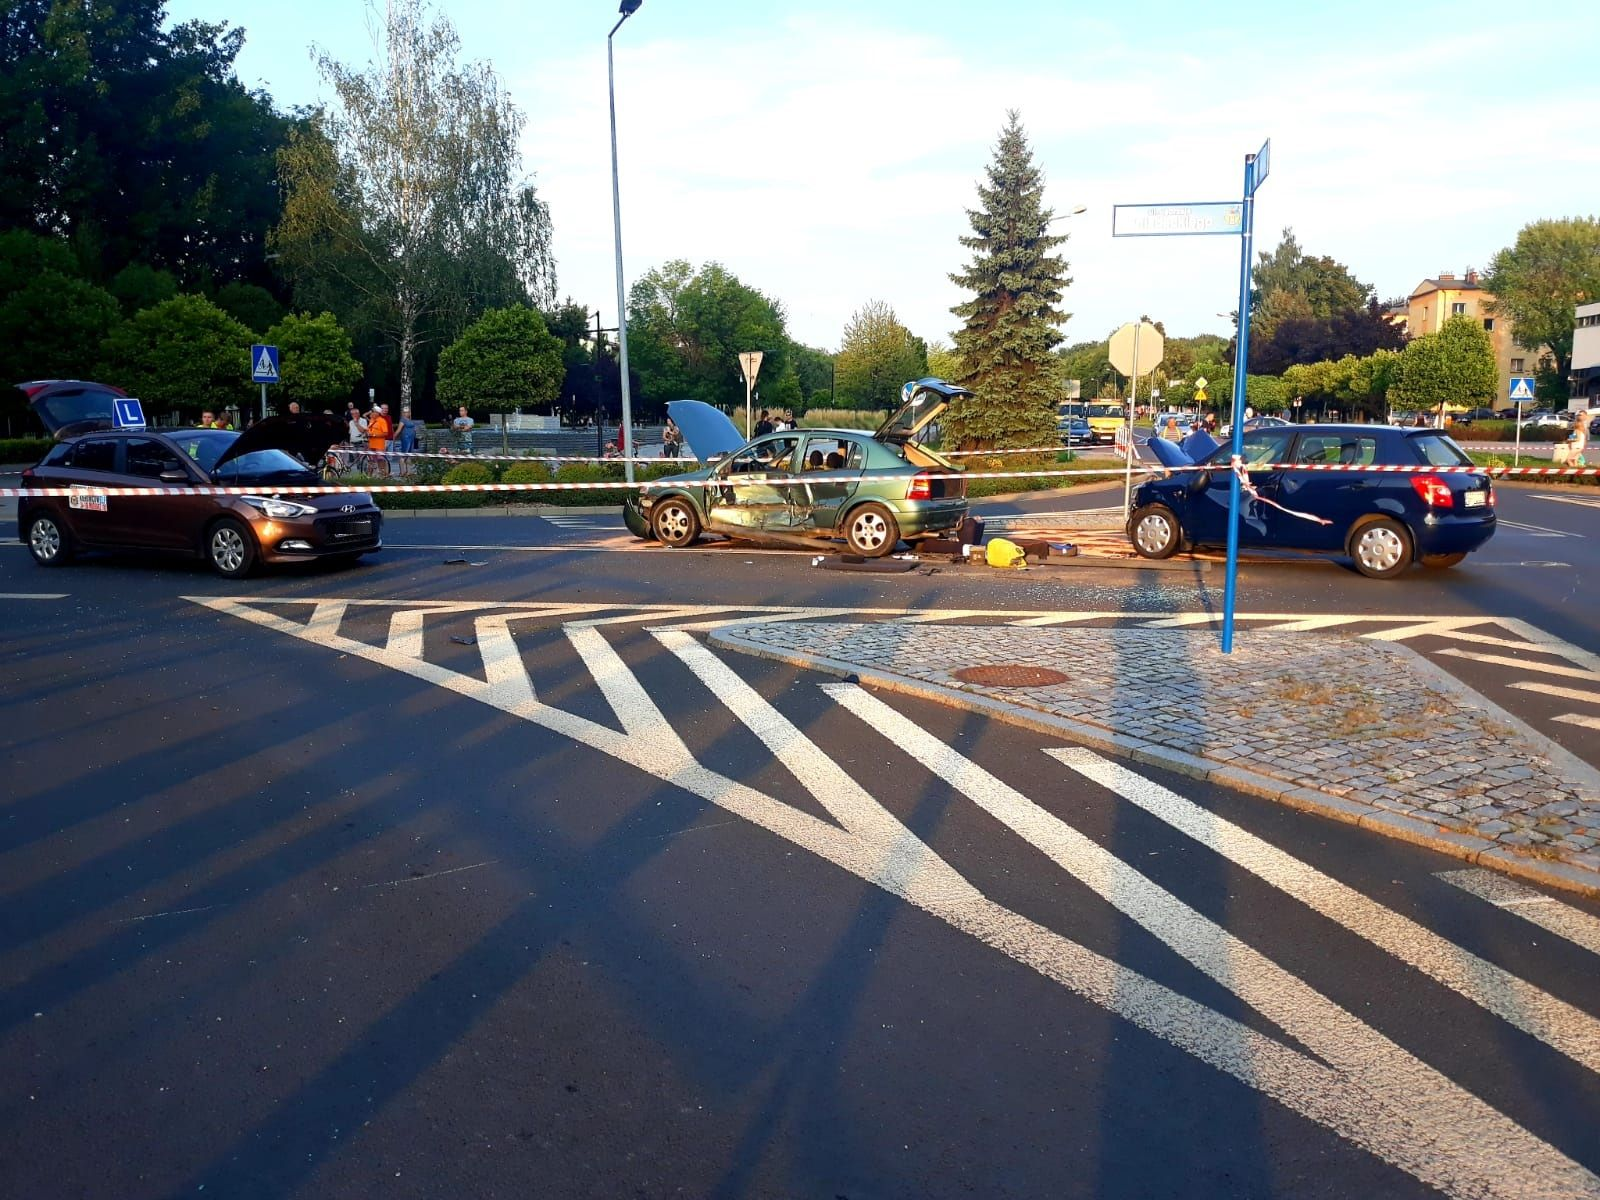 Groźny wypadek na skrzyżowaniu, kilka osób trafiło do szpitala